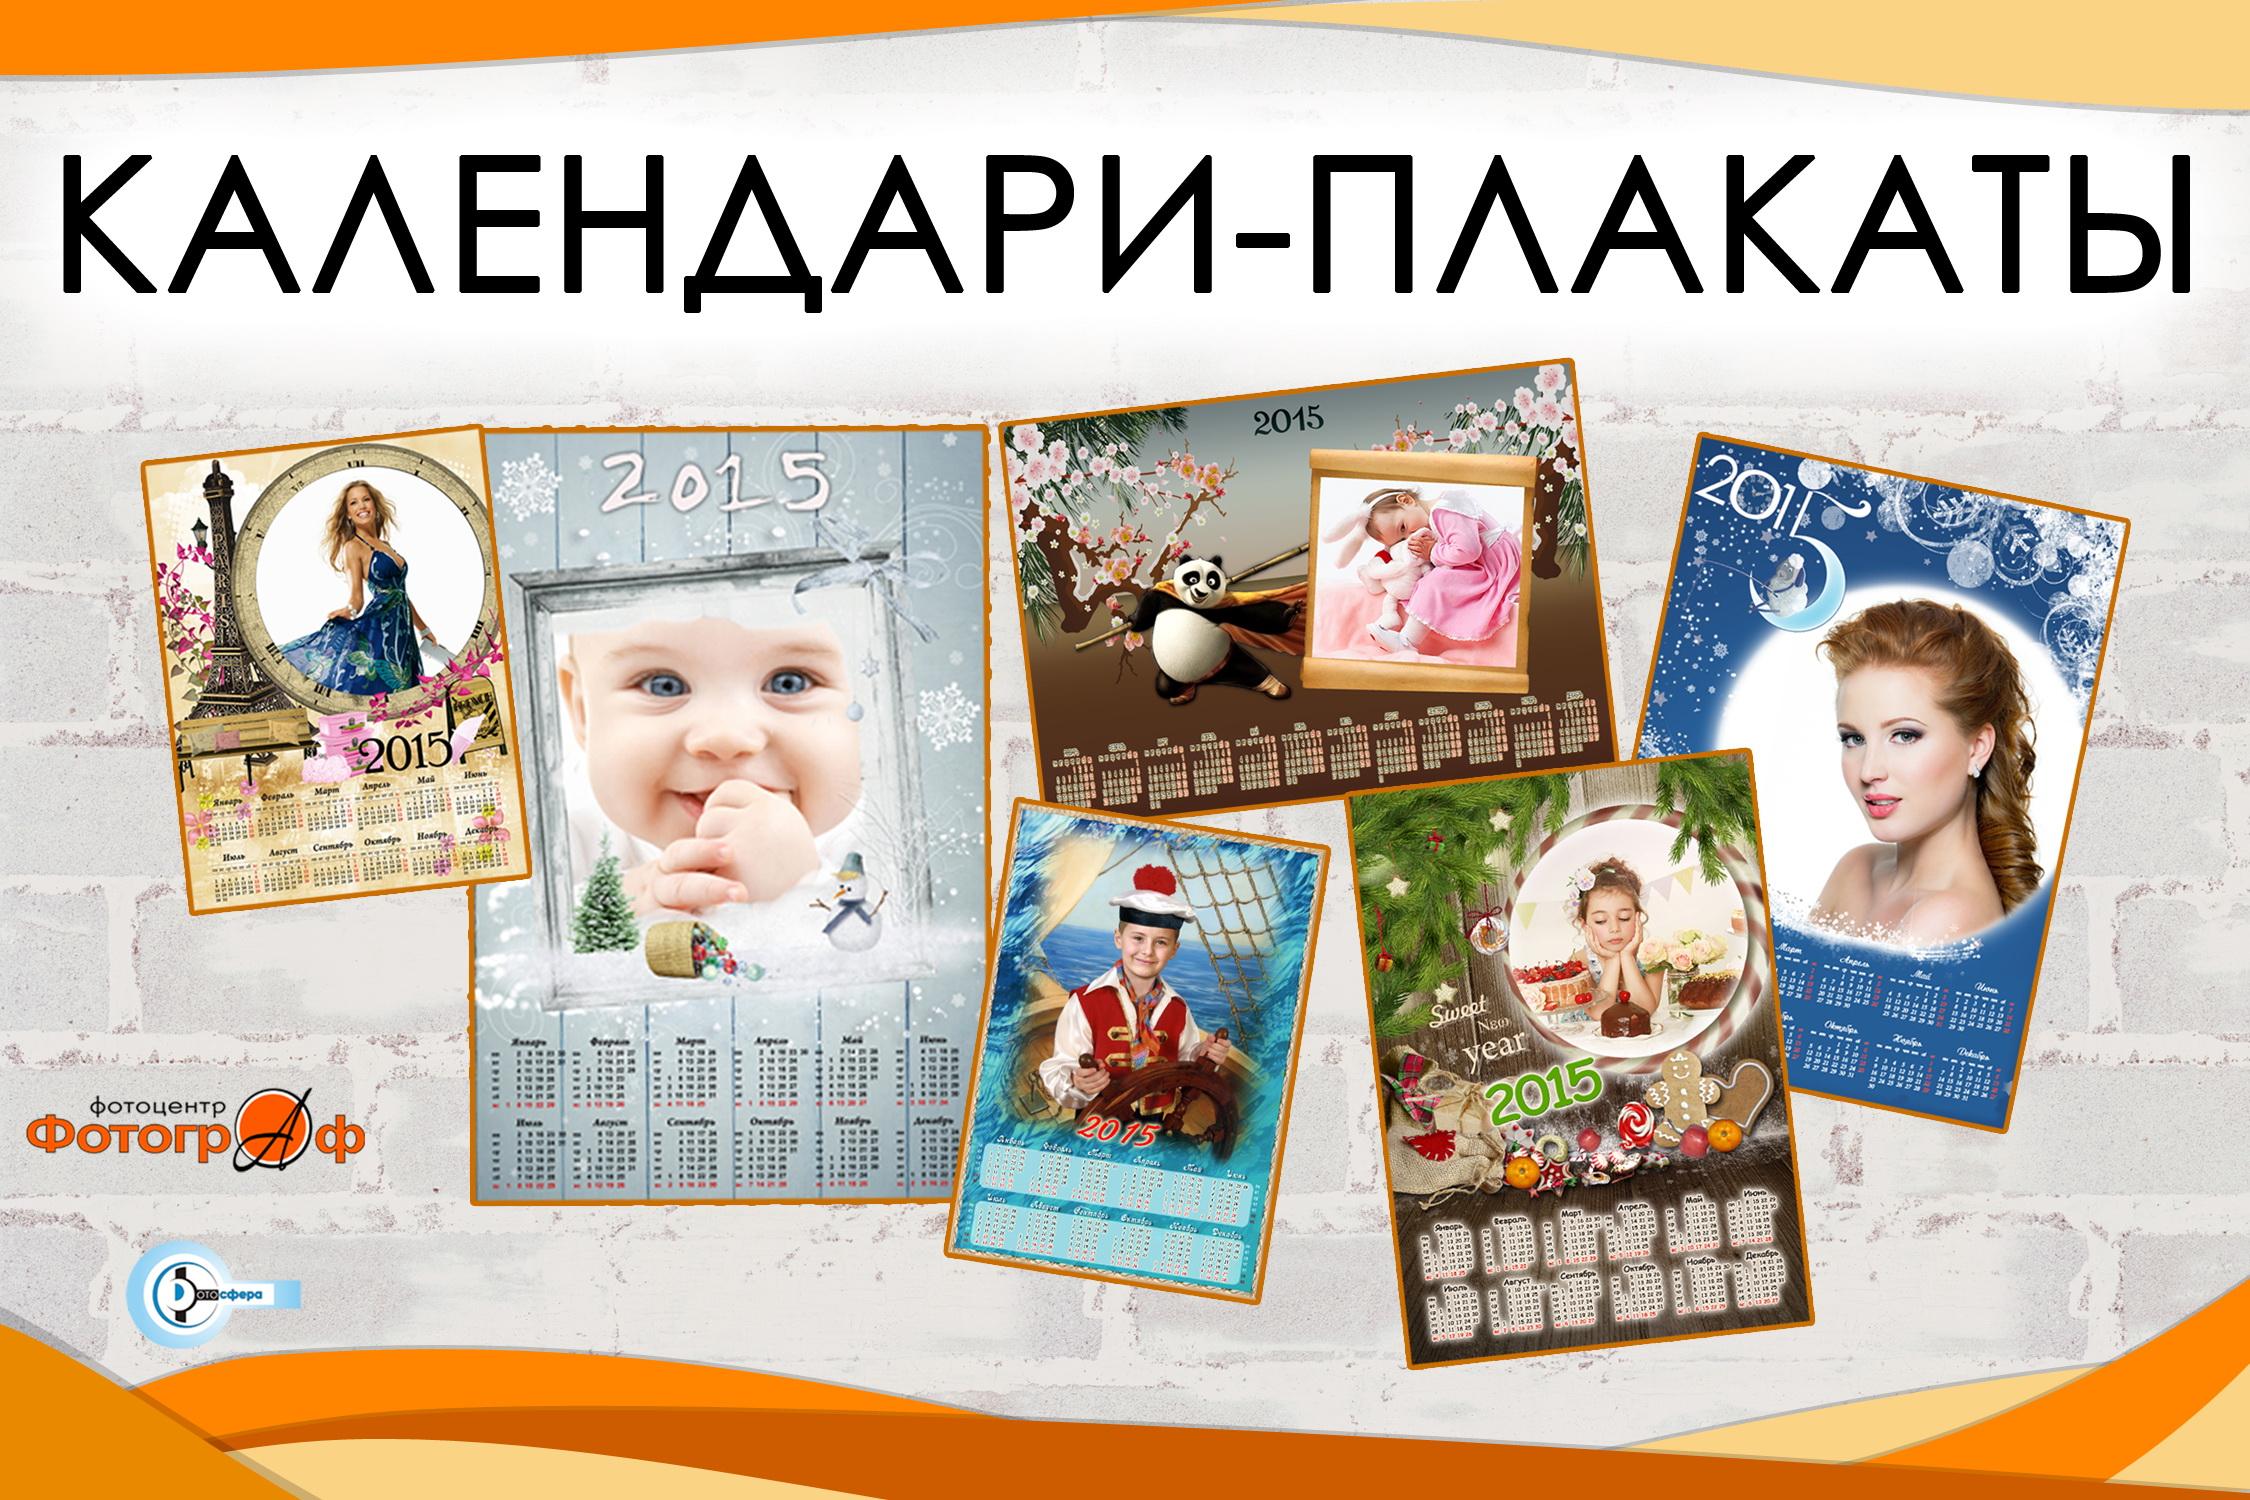 Календарь и открытки с фотографией